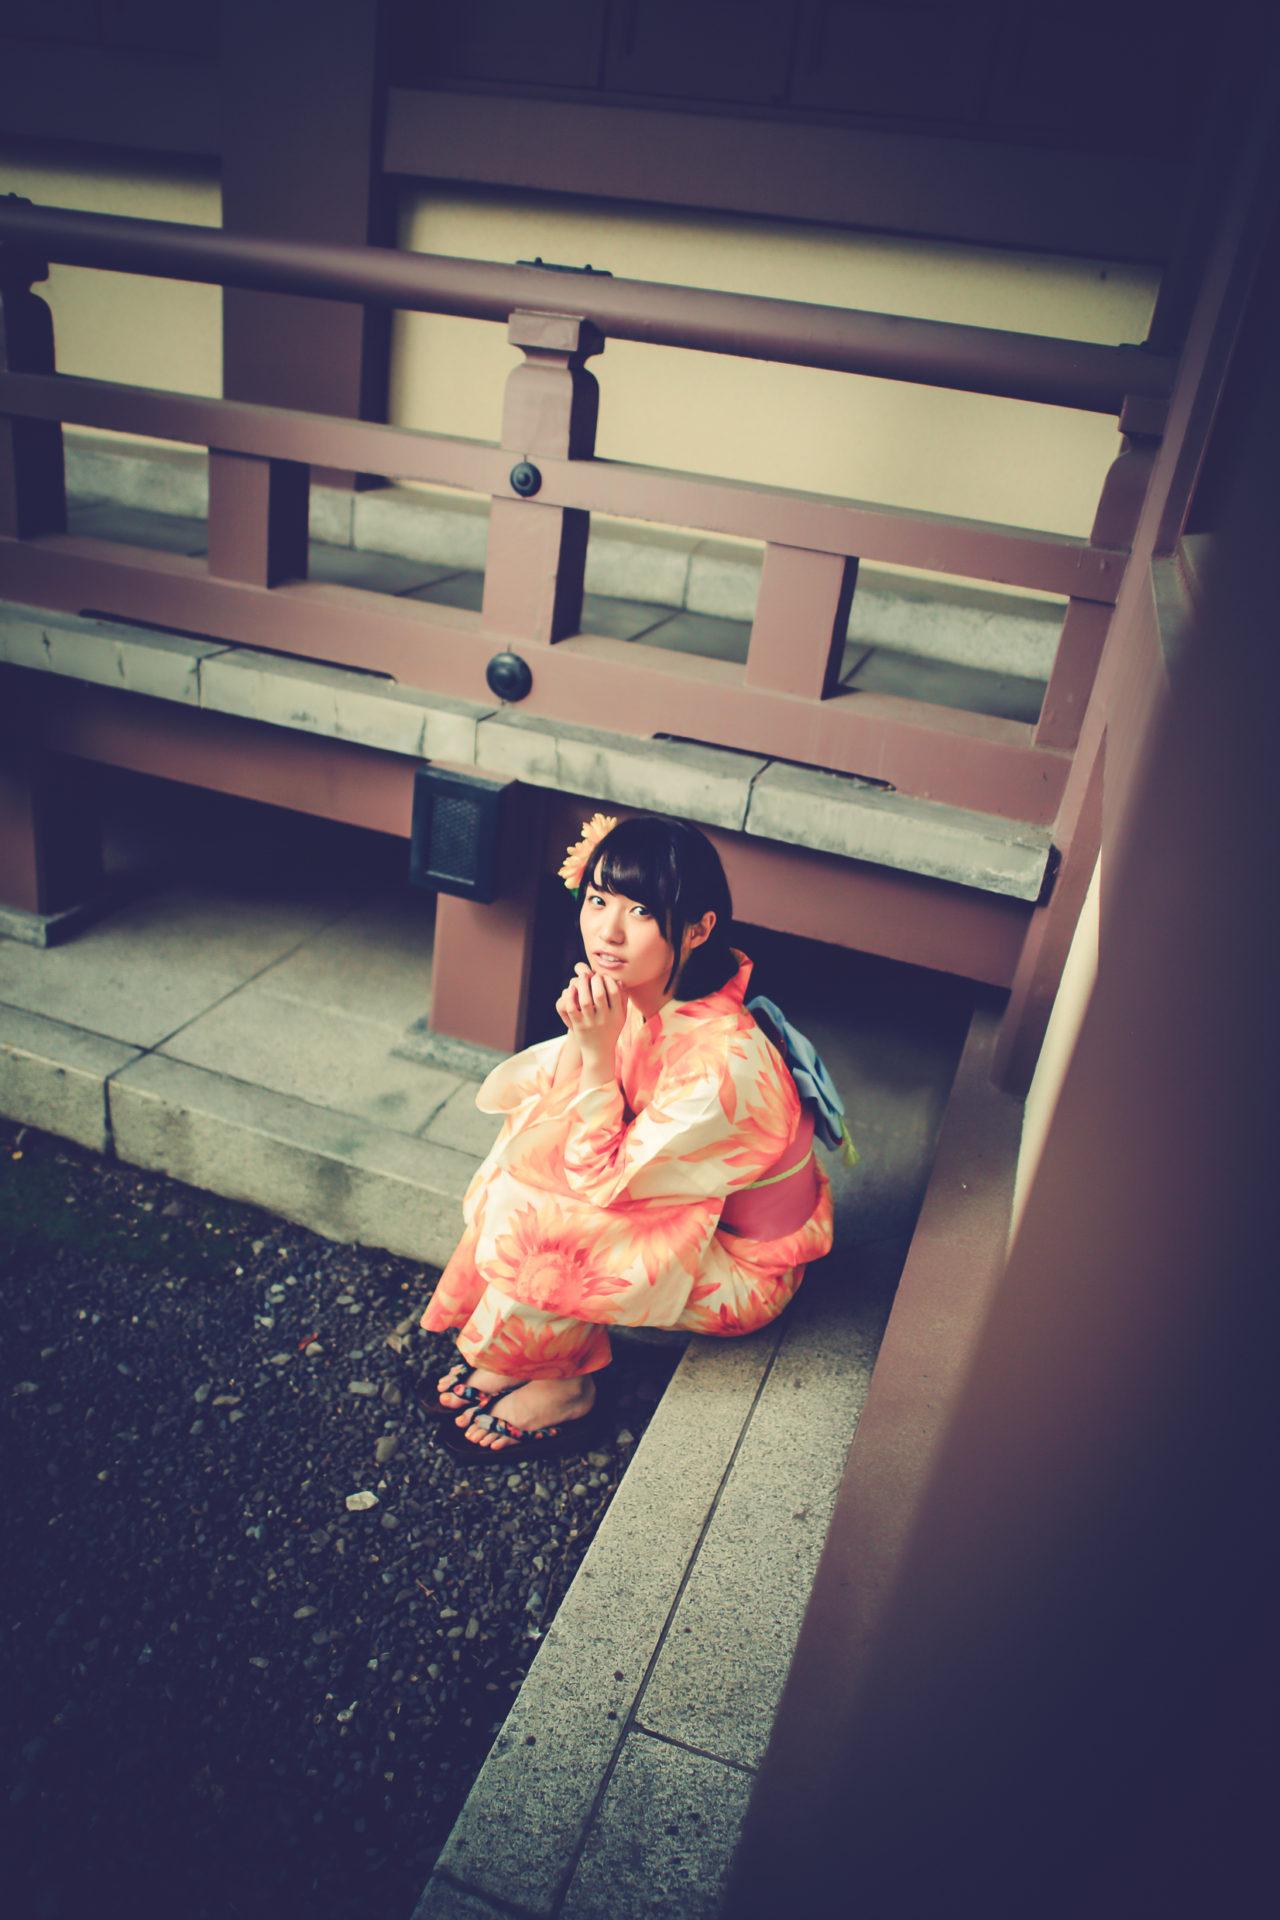 2代目HAPPY少女♪ みっちょ ( 本田みく ) | モデルプロ浴衣撮影会